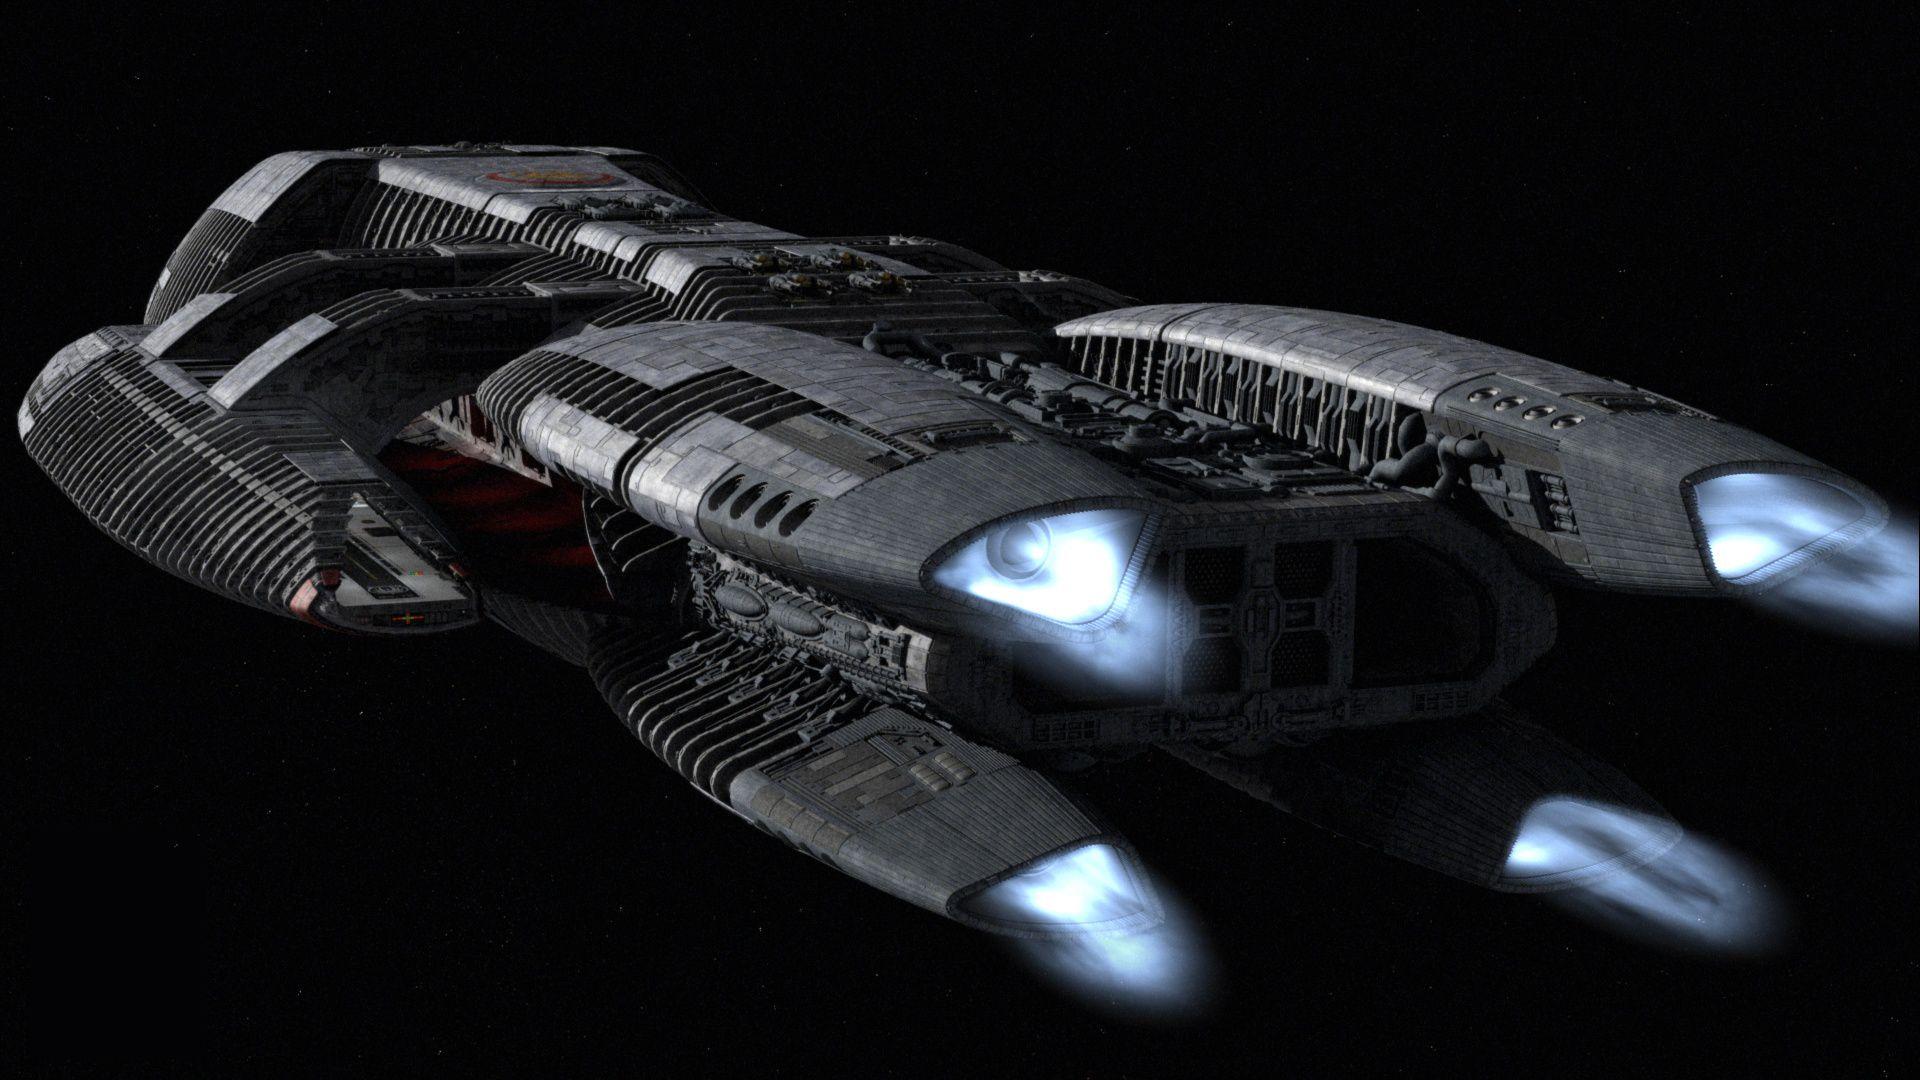 Battlestar Galactica Ship Wallpaper Battlestar Galactica Ship Battlestar Galactica Sci Fi Spaceships